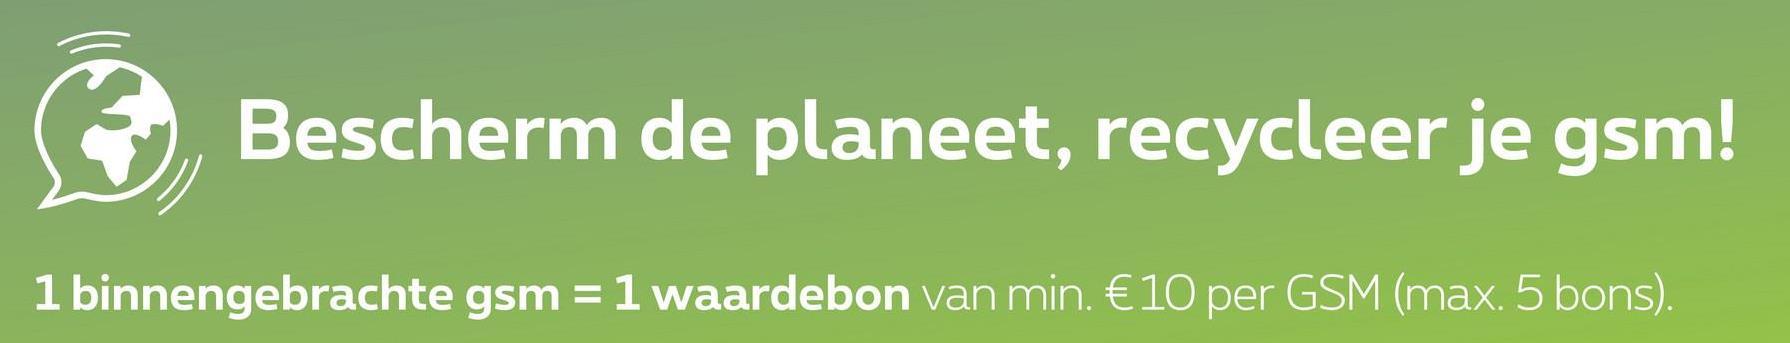 Bescherm de planeet, recycleer je gsm! 1 binnengebrachte gsm = 1 waardebon van min. € 10 per GSM (max. 5 bons).